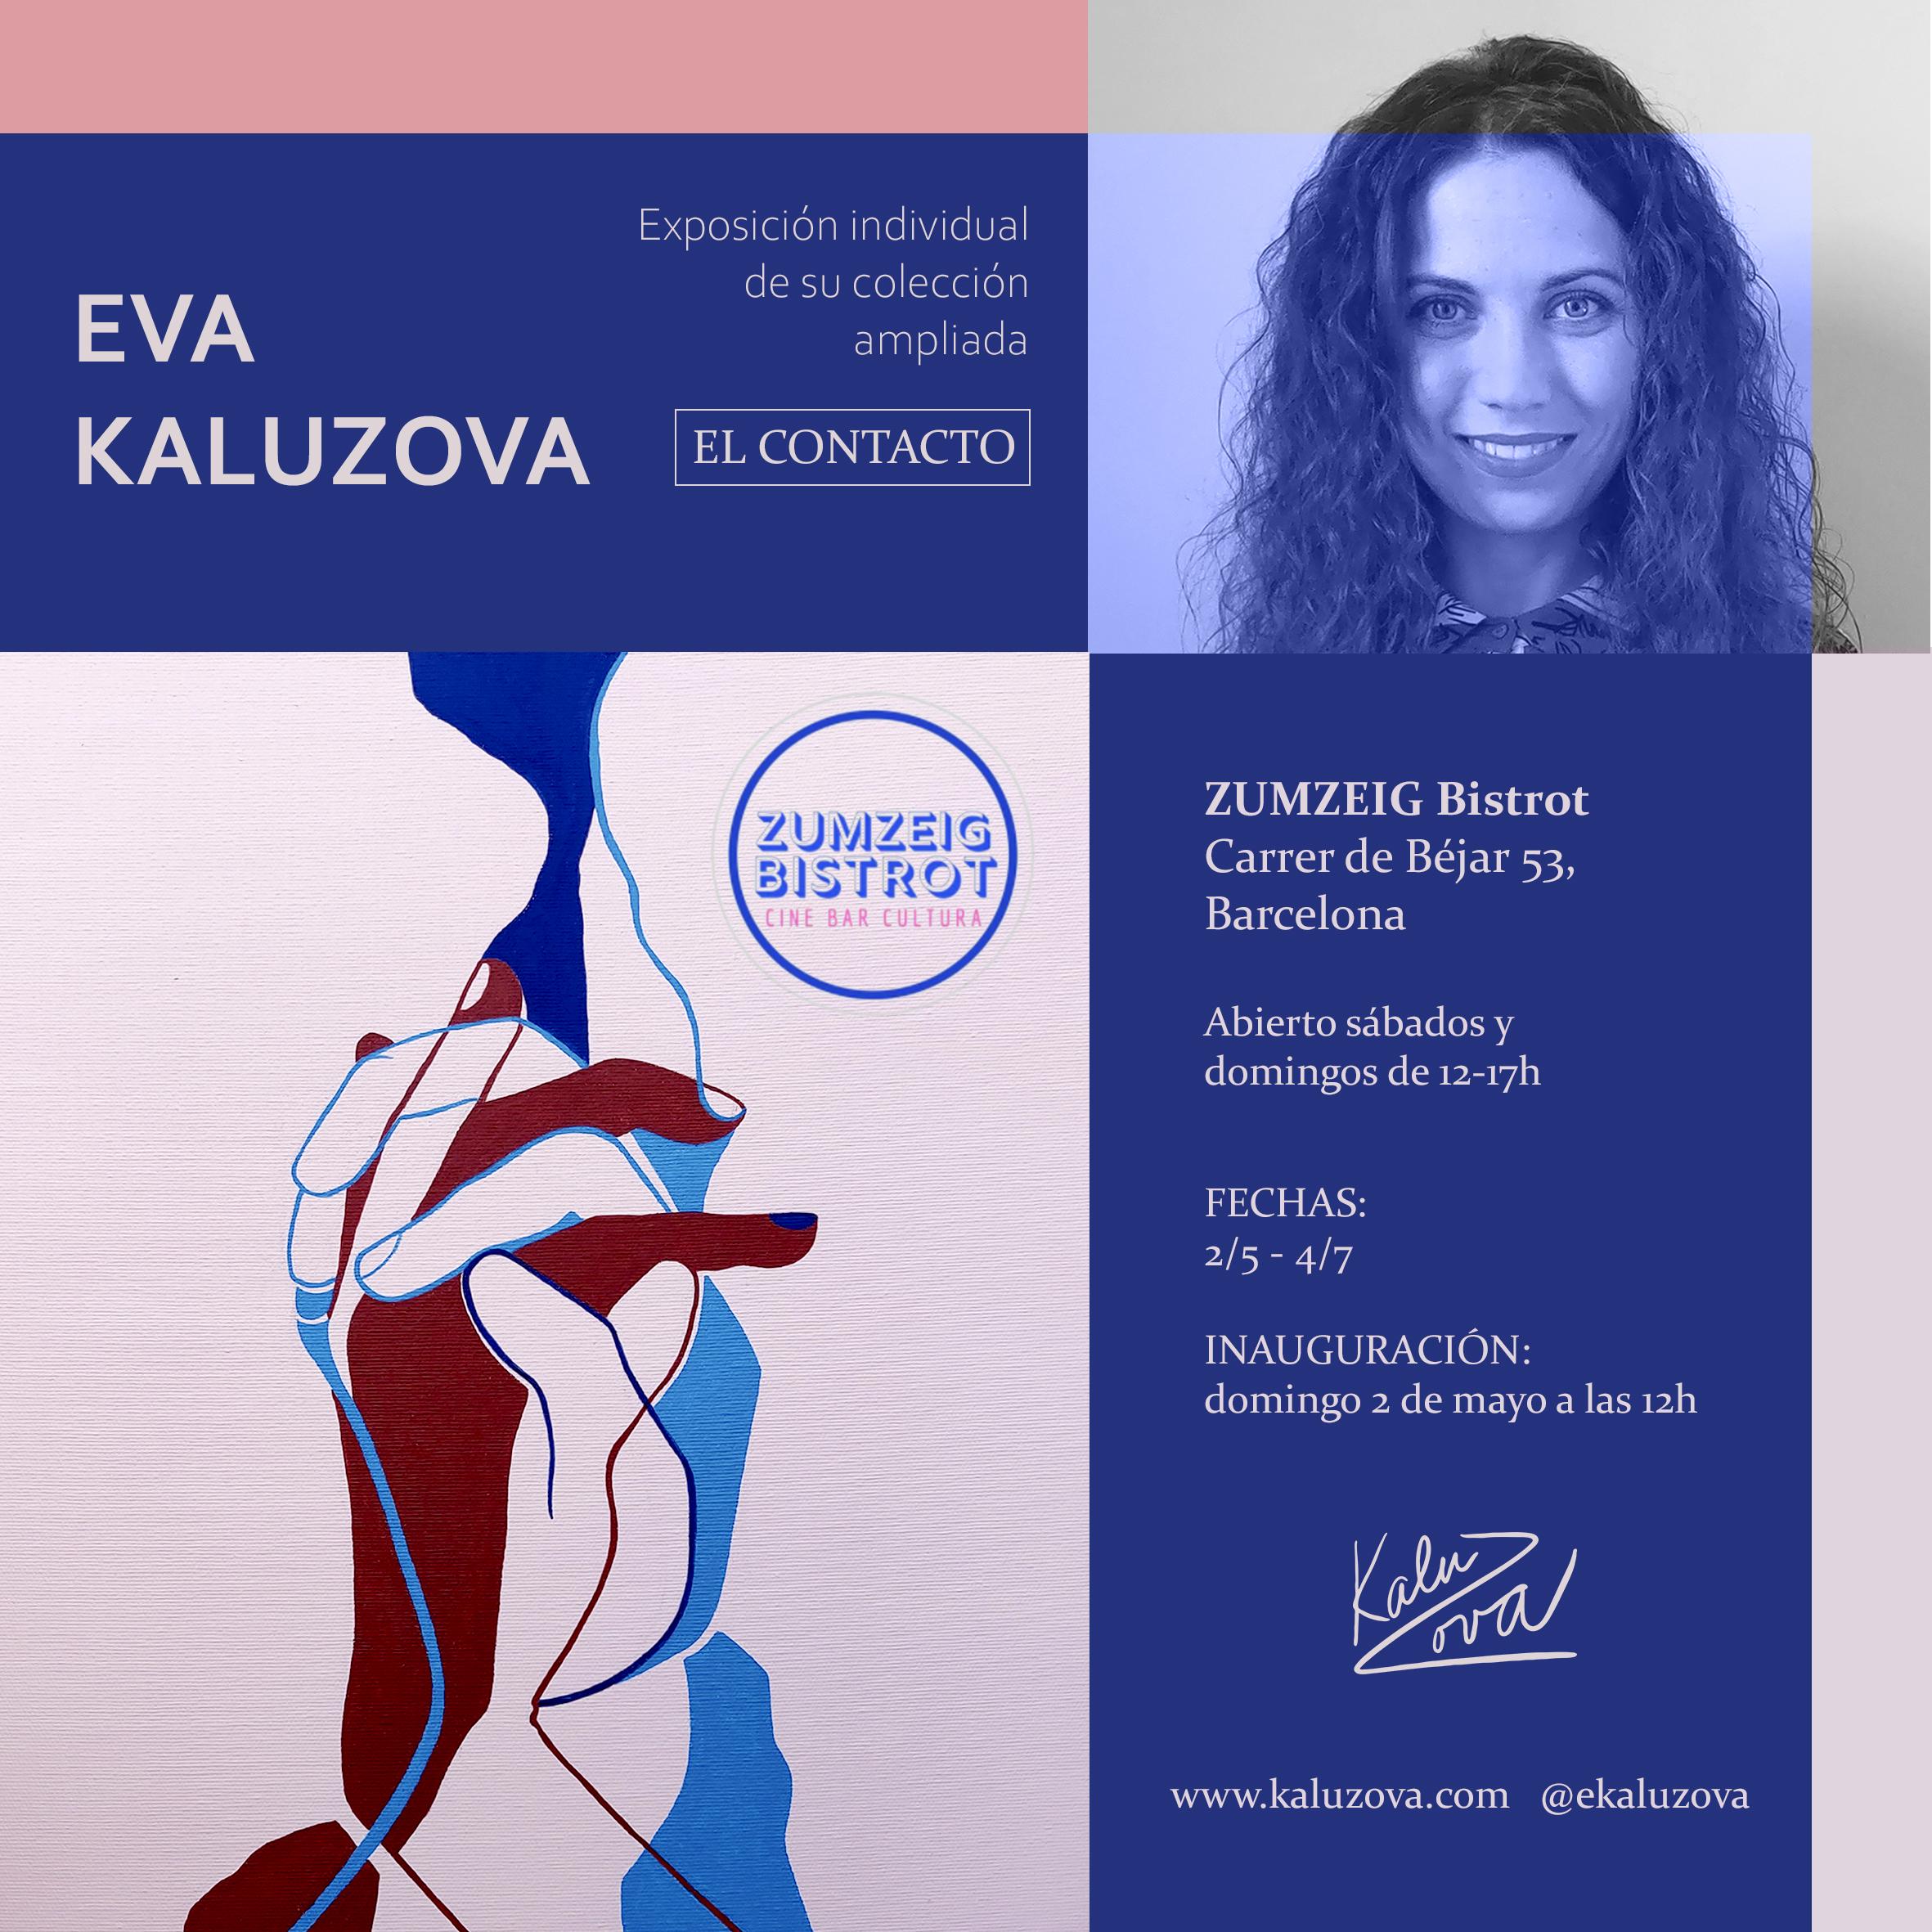 Las obras de la artista Eva KALUZOVA ya están en el Bistrot Zumzeig de Sants